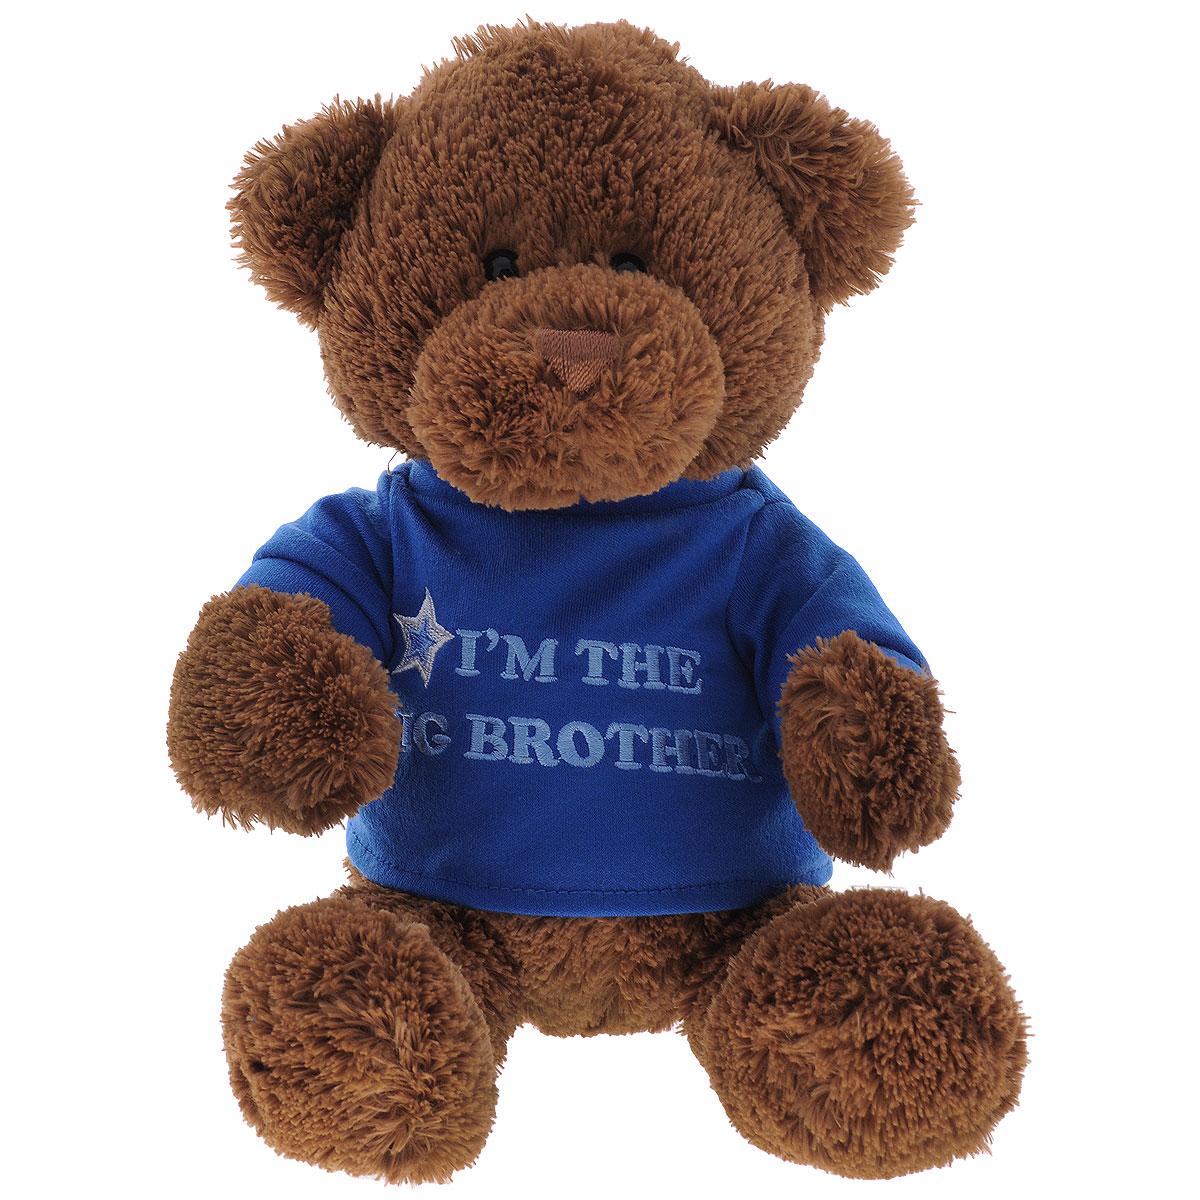 Мягкая игрушка Gund Big Brother, 29 см gund мягкая игрушка arlo bear 18 см